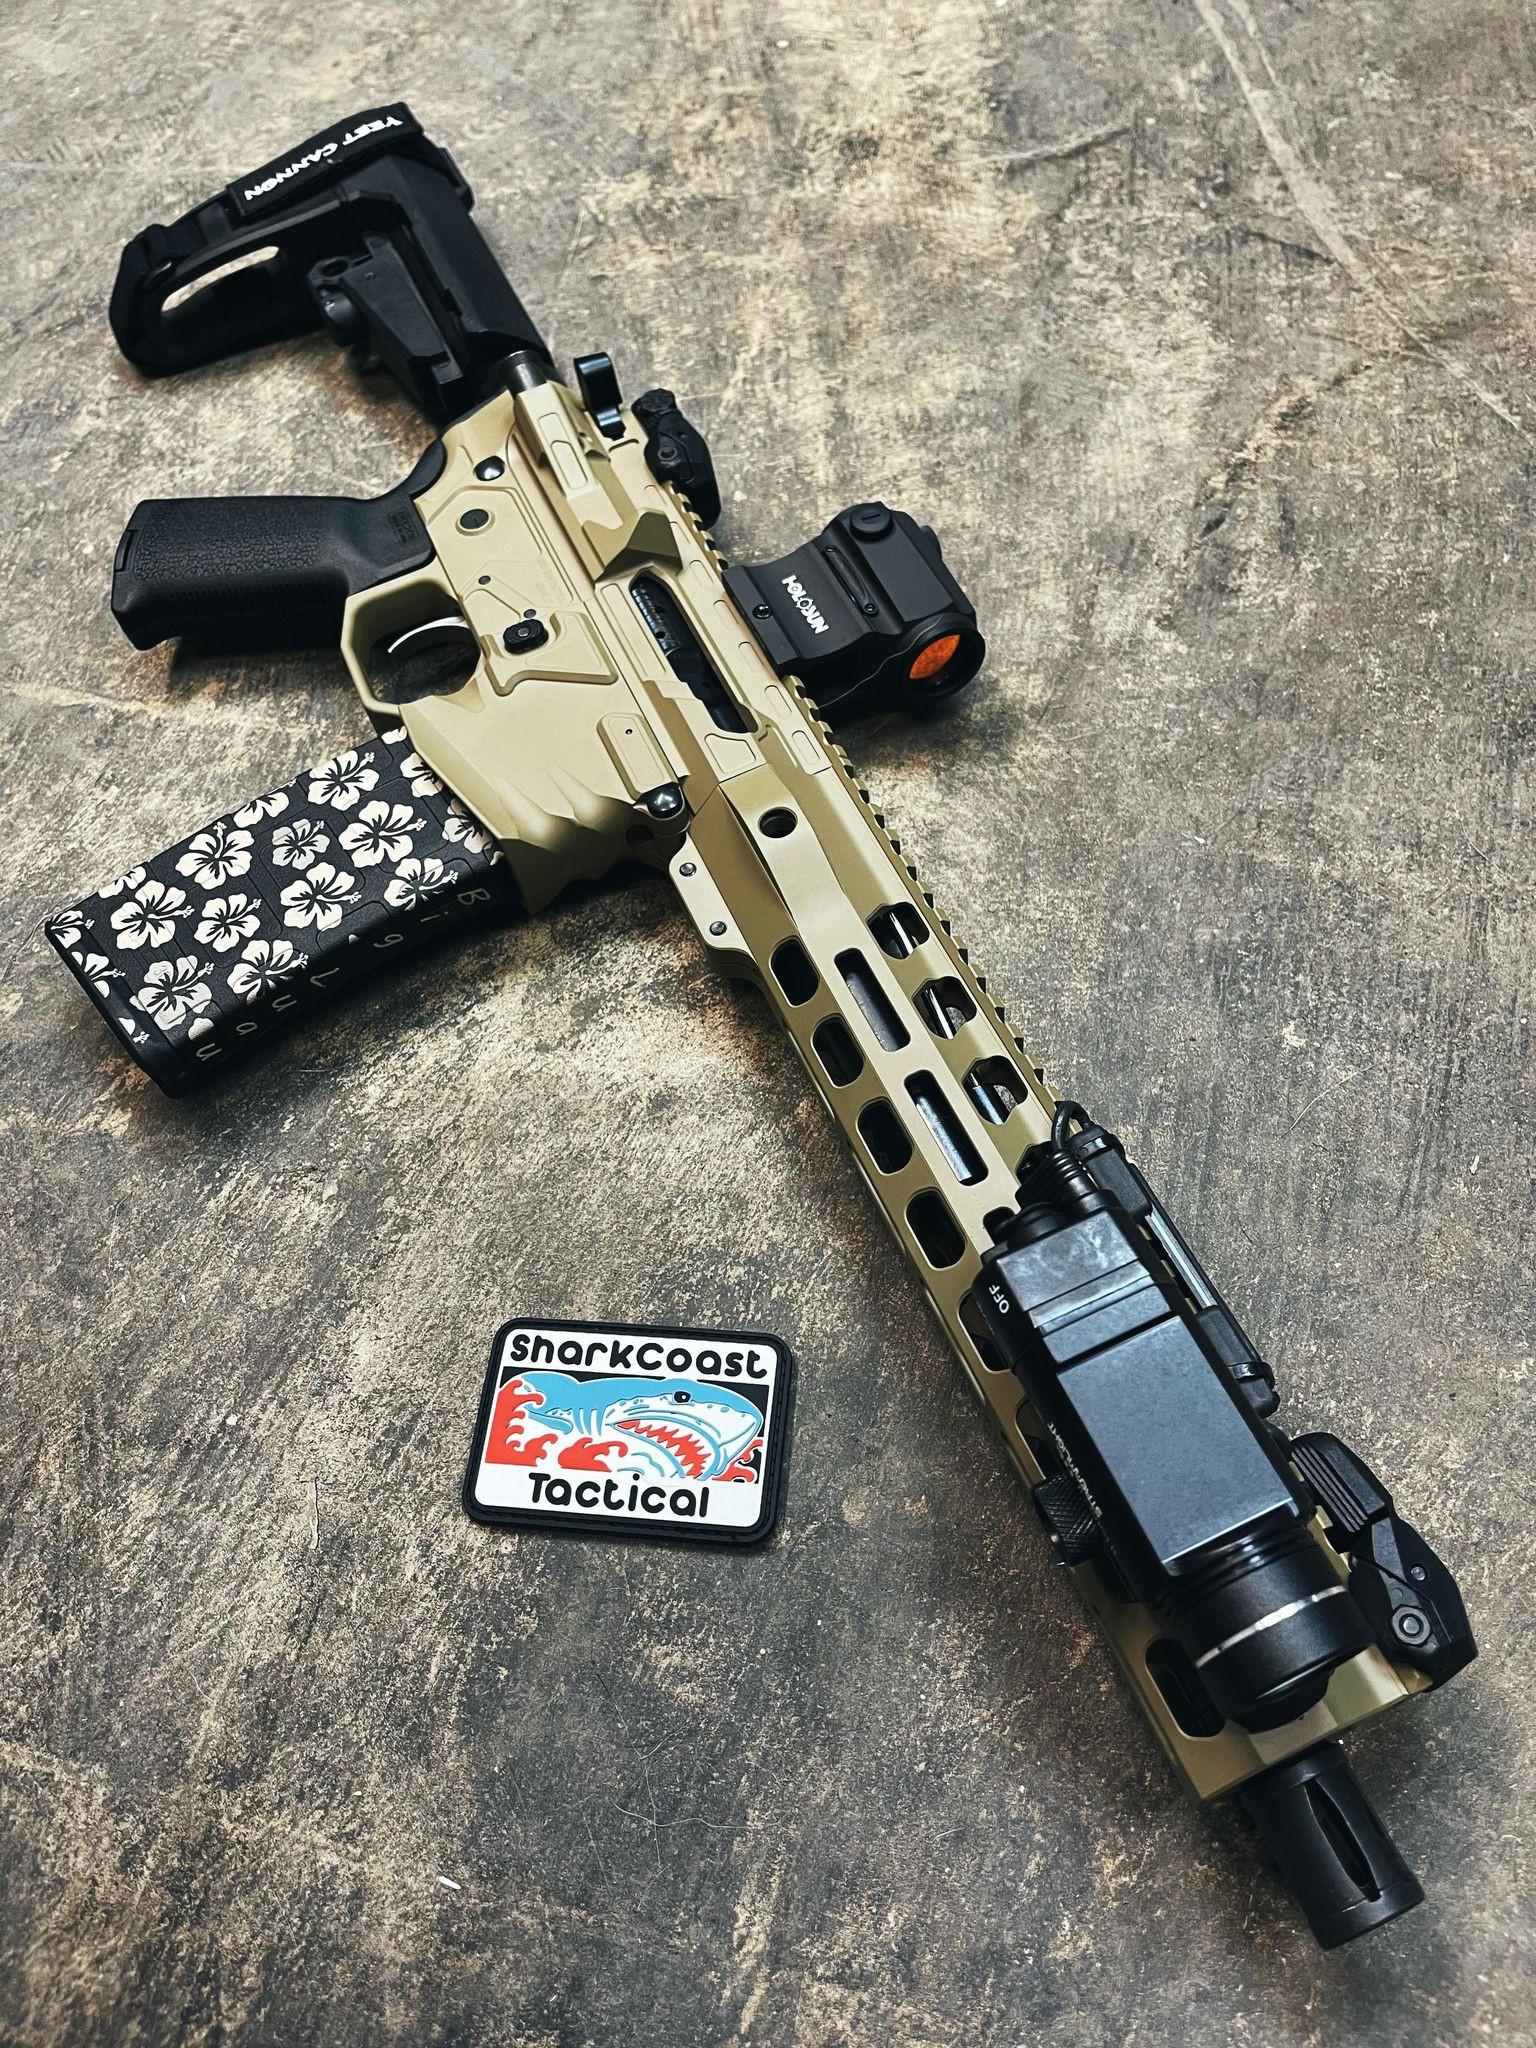 Humbolt AR15 Pistol